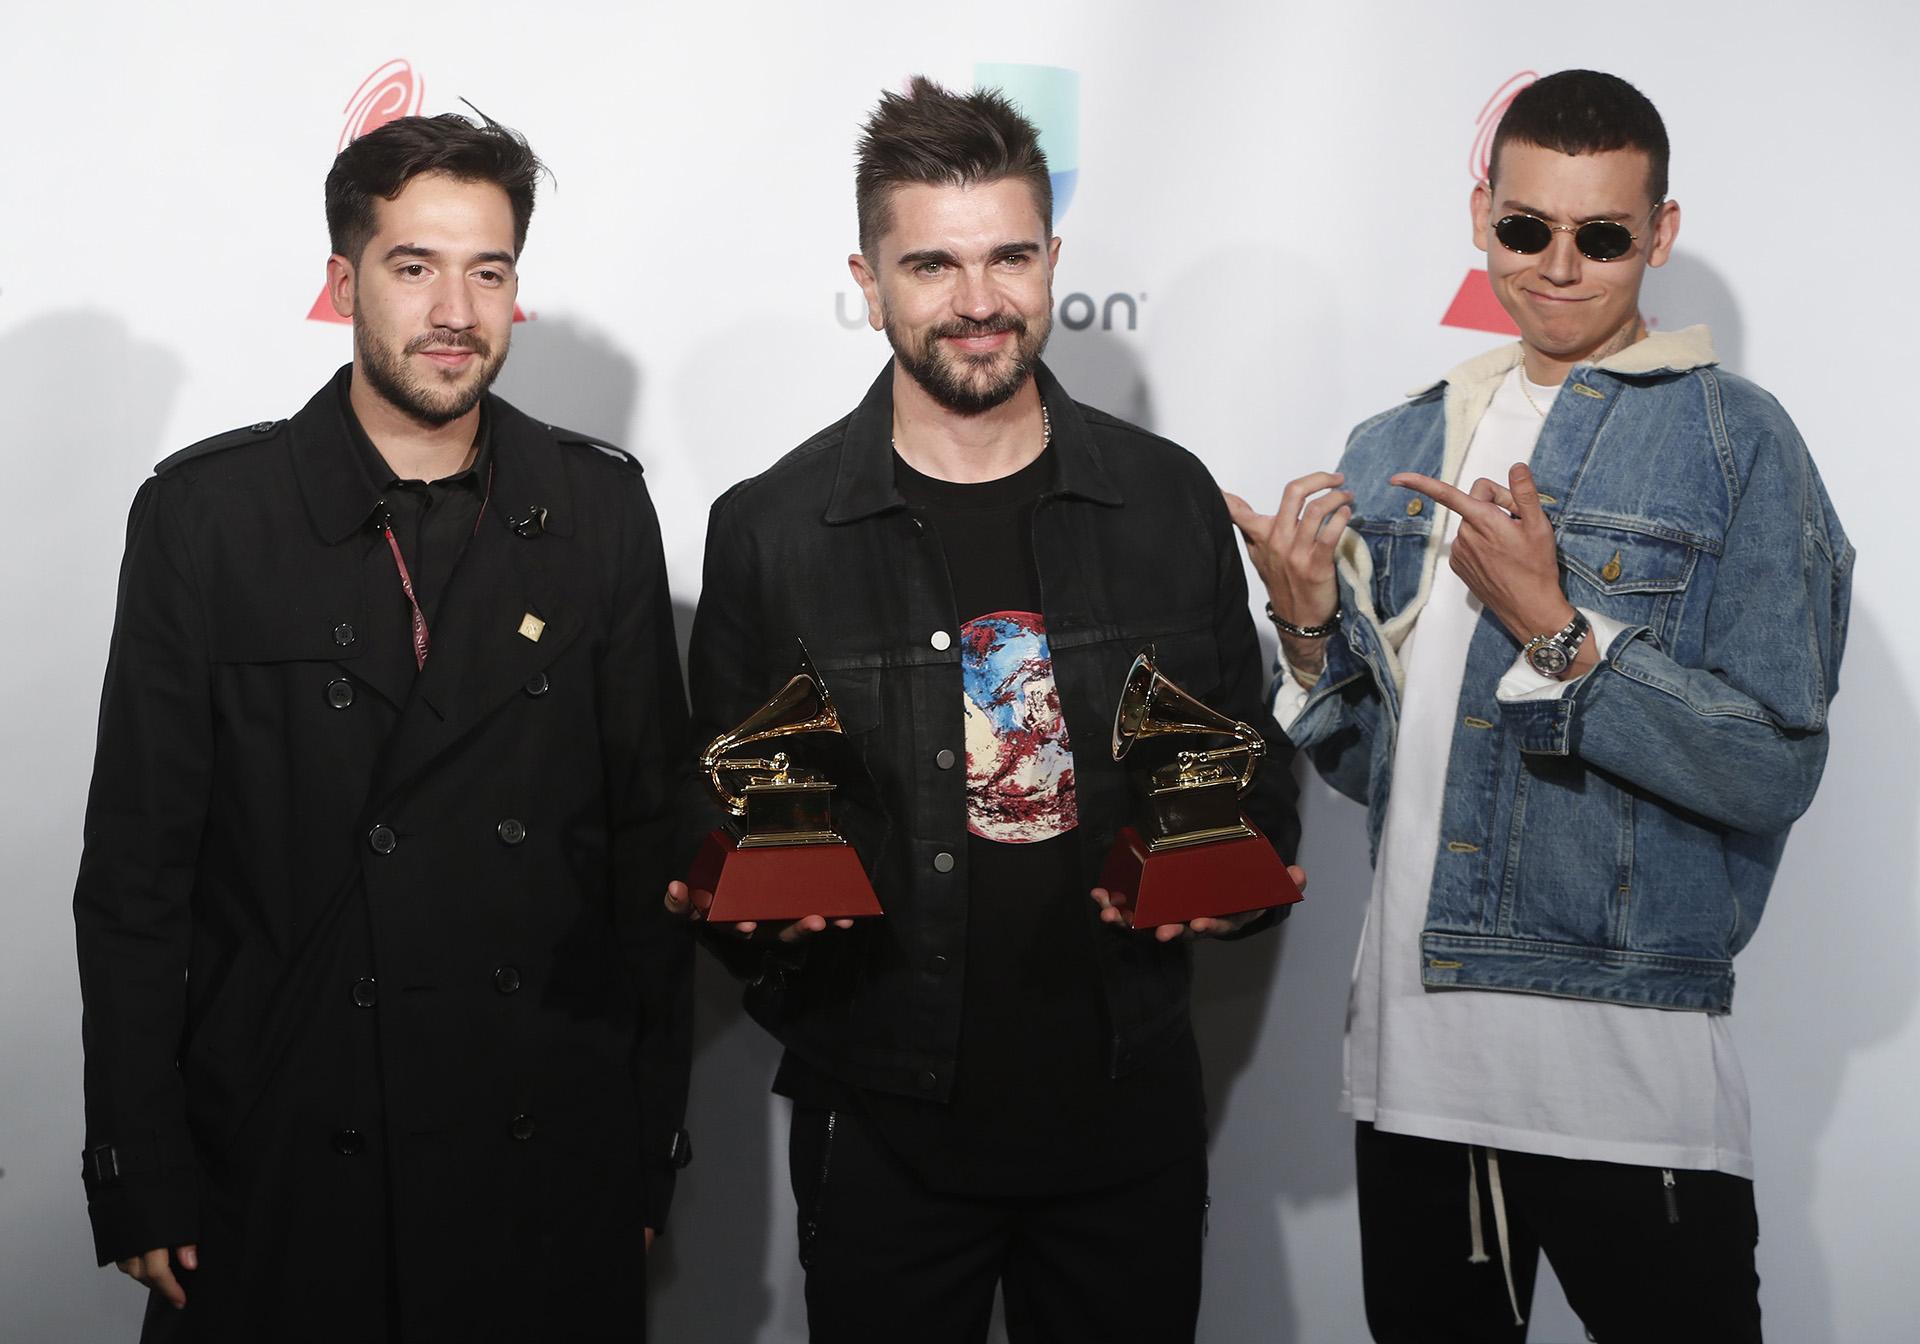 """Juanes, contento con sus dos estatuillas: Álbum Pop/Rock por """"Mis Planes Son Amarte"""" y Canción Alternativa por """"Amárram"""" (REUTERS/Steve Marcus)"""